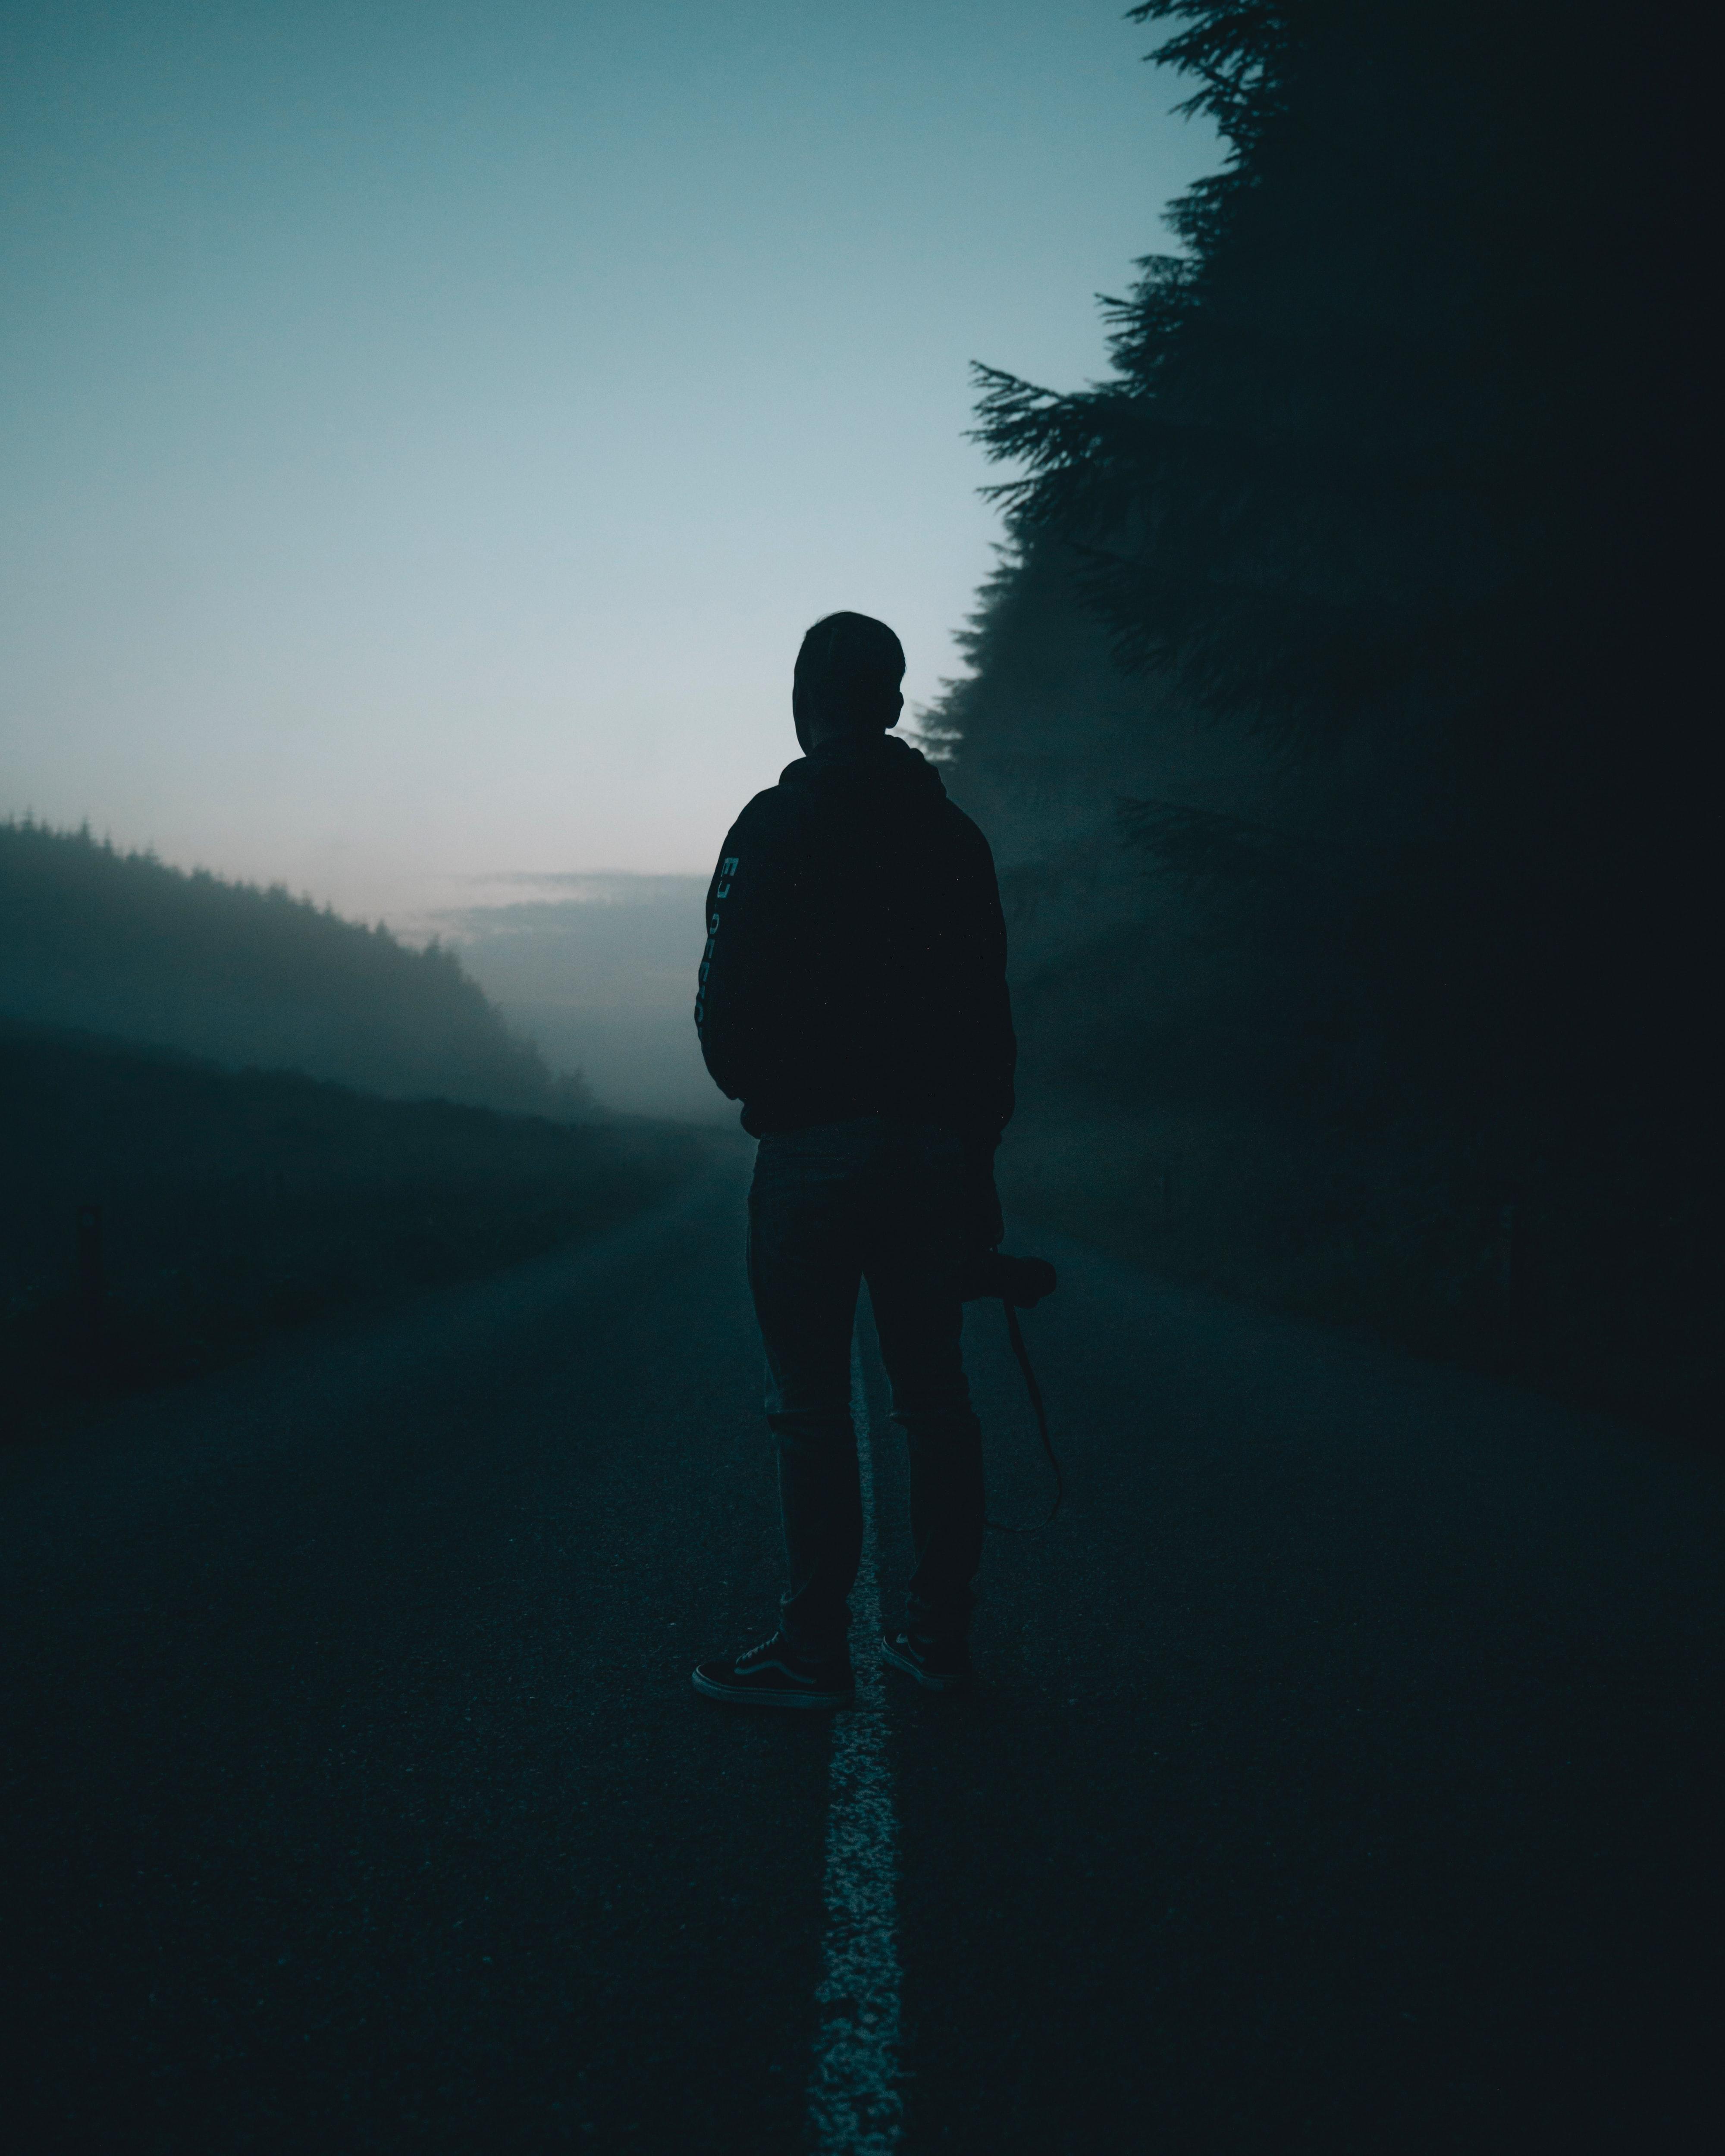 65683 скачать обои Темные, Человек, Одиночество, Дорога, Туман, Сумерки, Темный - заставки и картинки бесплатно